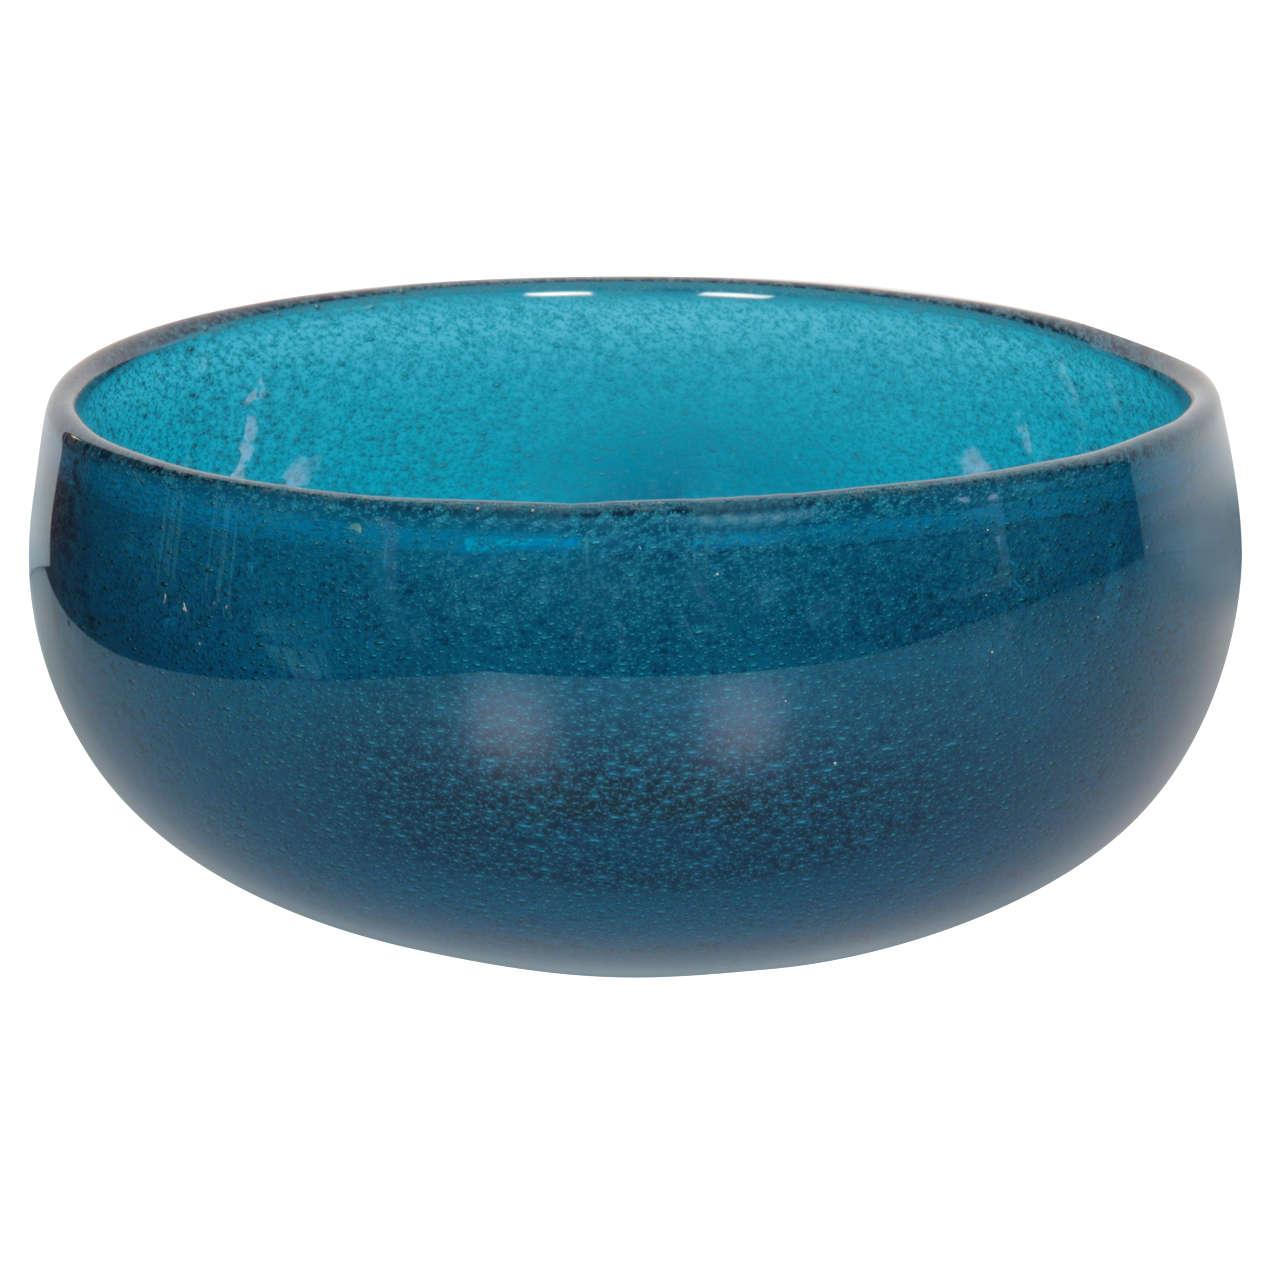 Glass Bowls For Home Decor